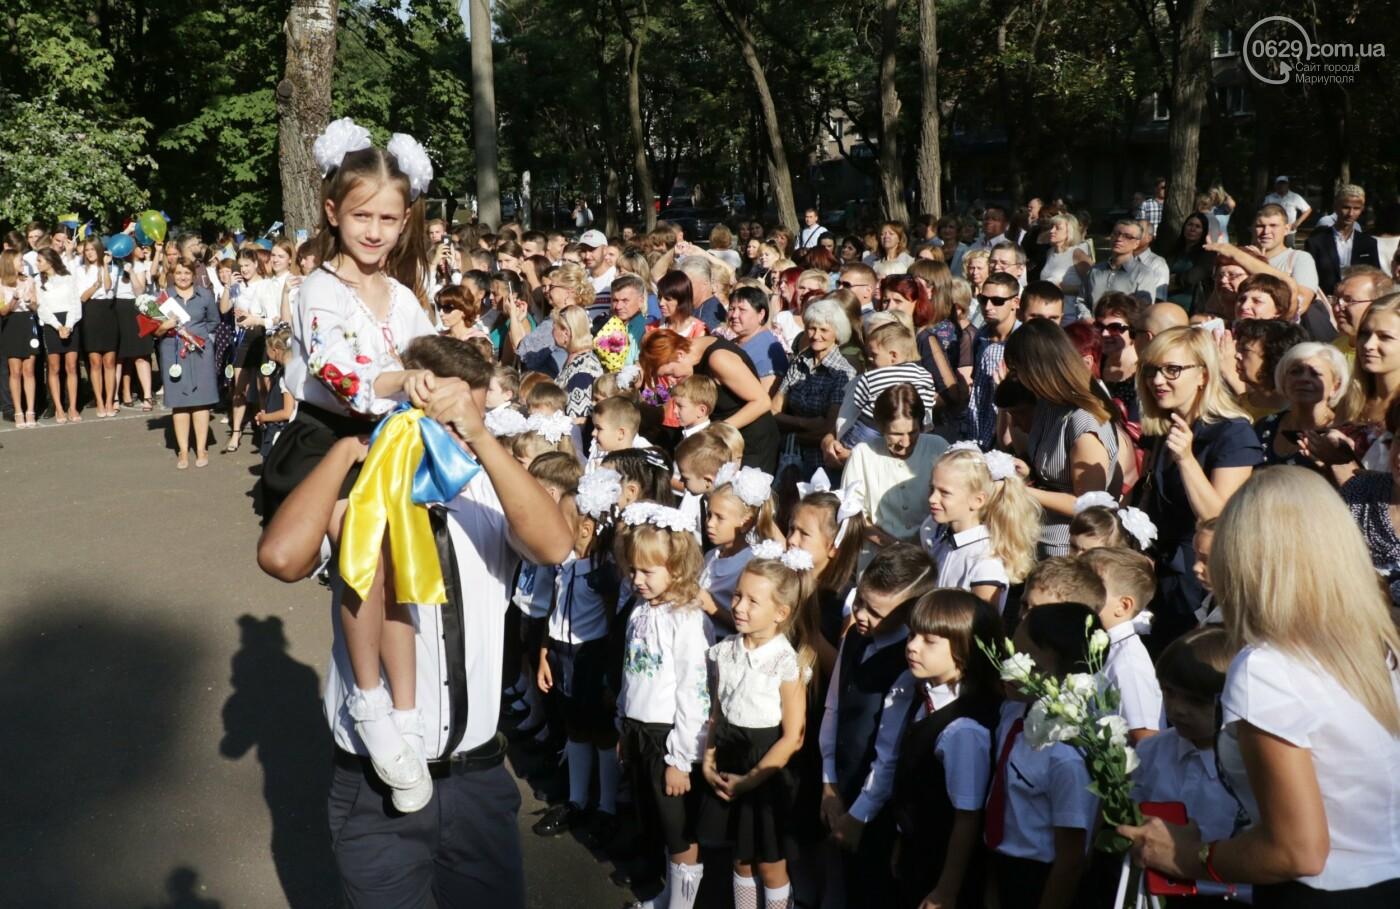 Первый звонок в Новой украинской школе: четыре тысячи первоклашек сели за парты в Мариуполе, - ФОТОРЕПОРТАЖ, фото-8